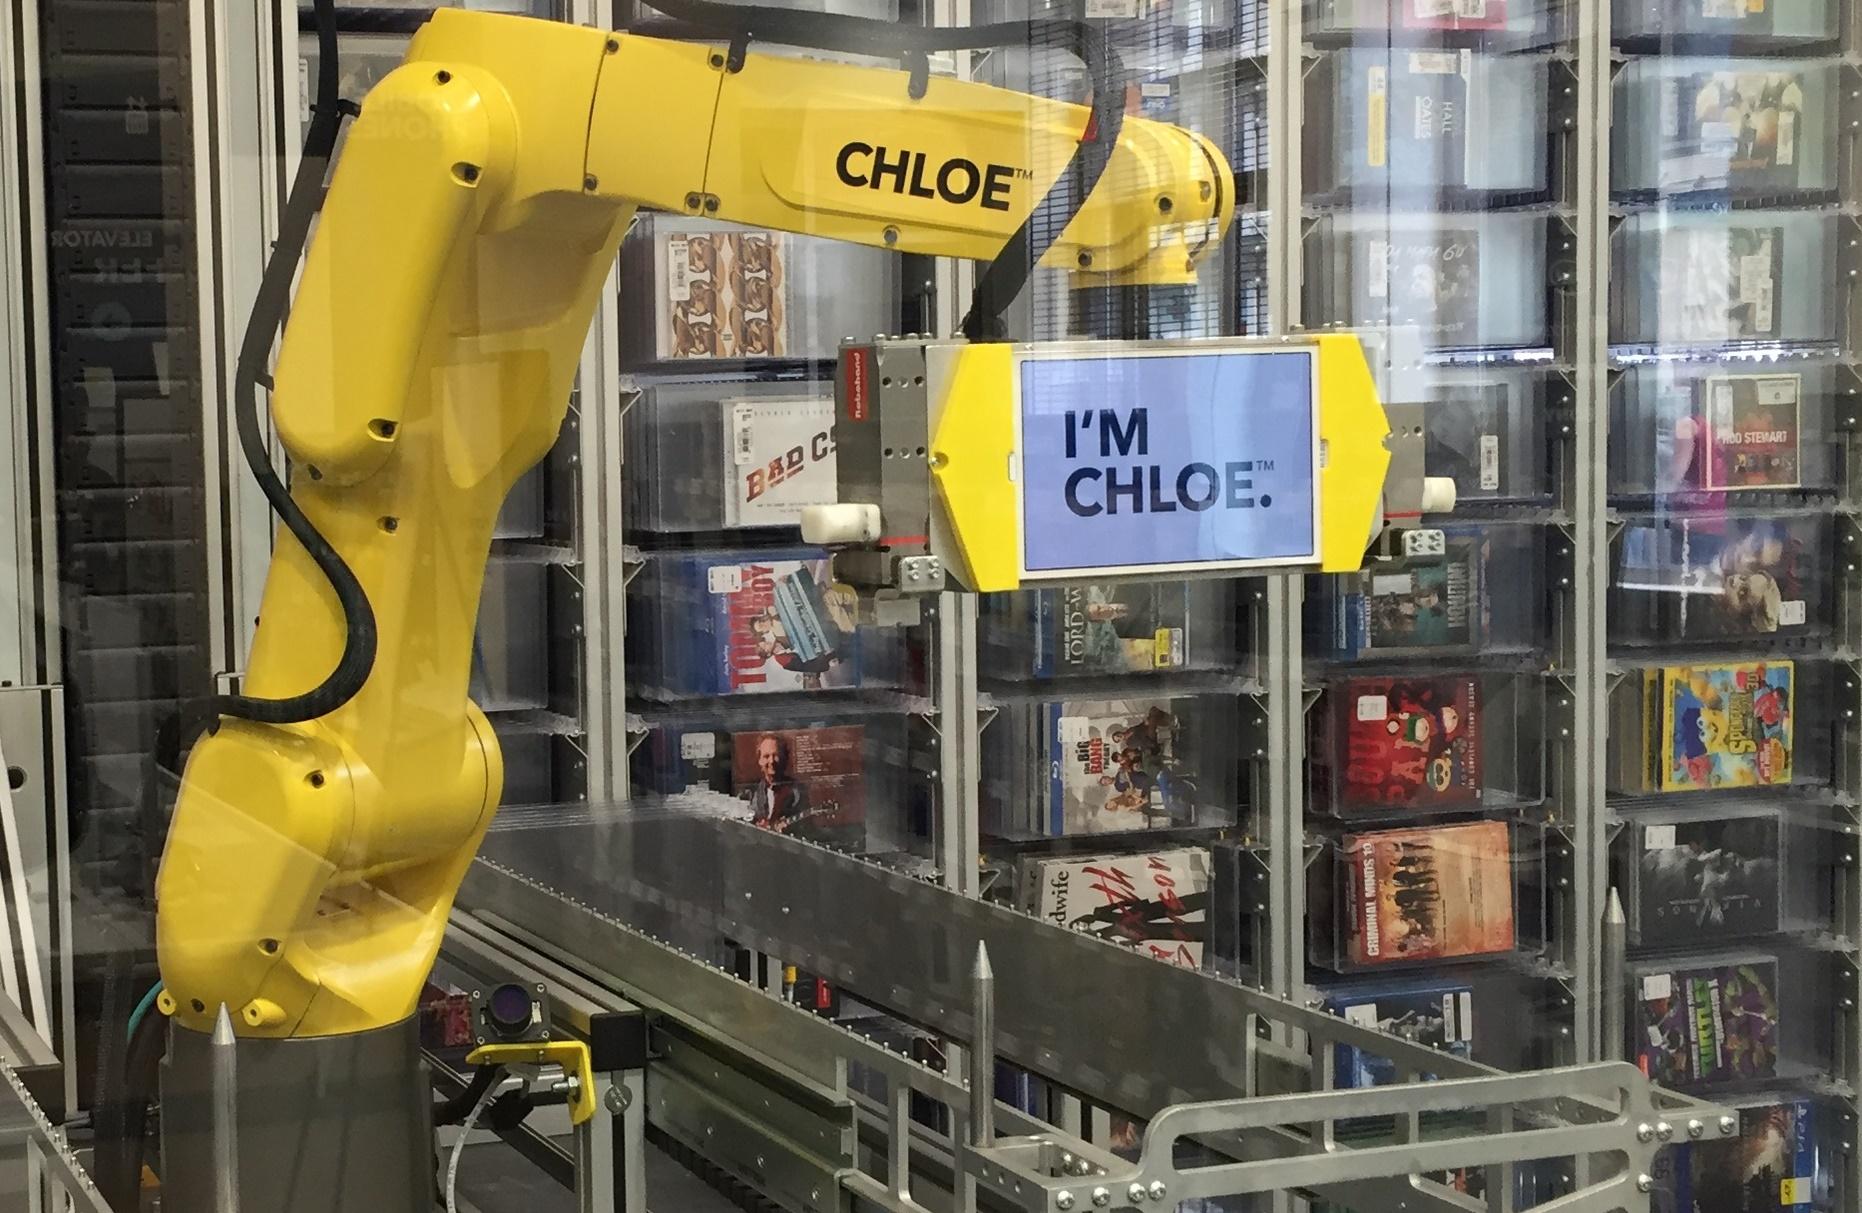 best buy robot   u0026 39 chloe  u0026 39  serves customers at nyc store